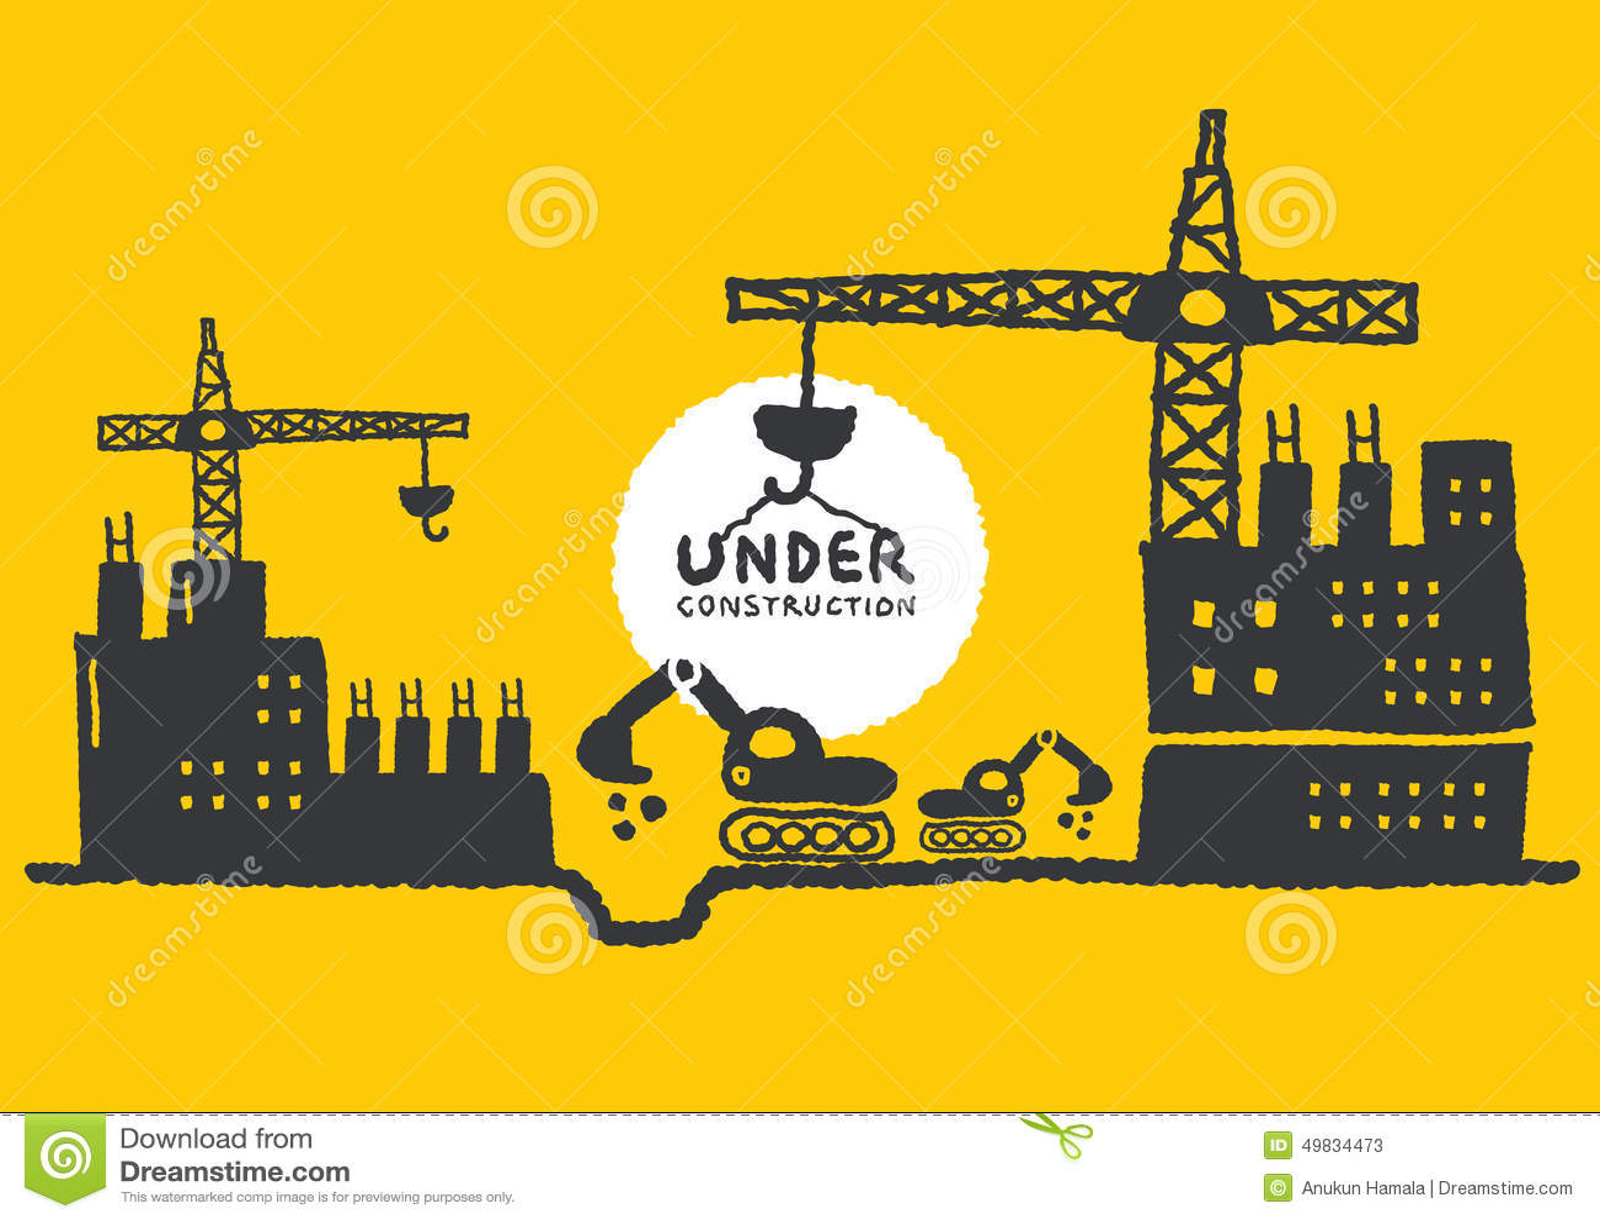 Illustratie van in aanbouw plaats met de bouw